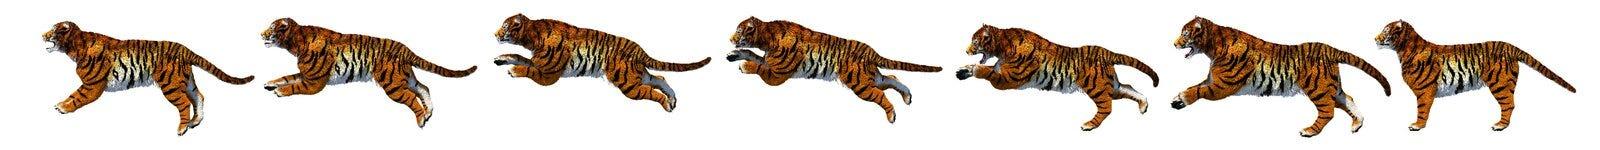 Un confine della tigre saltare fotografie stock libere da diritti